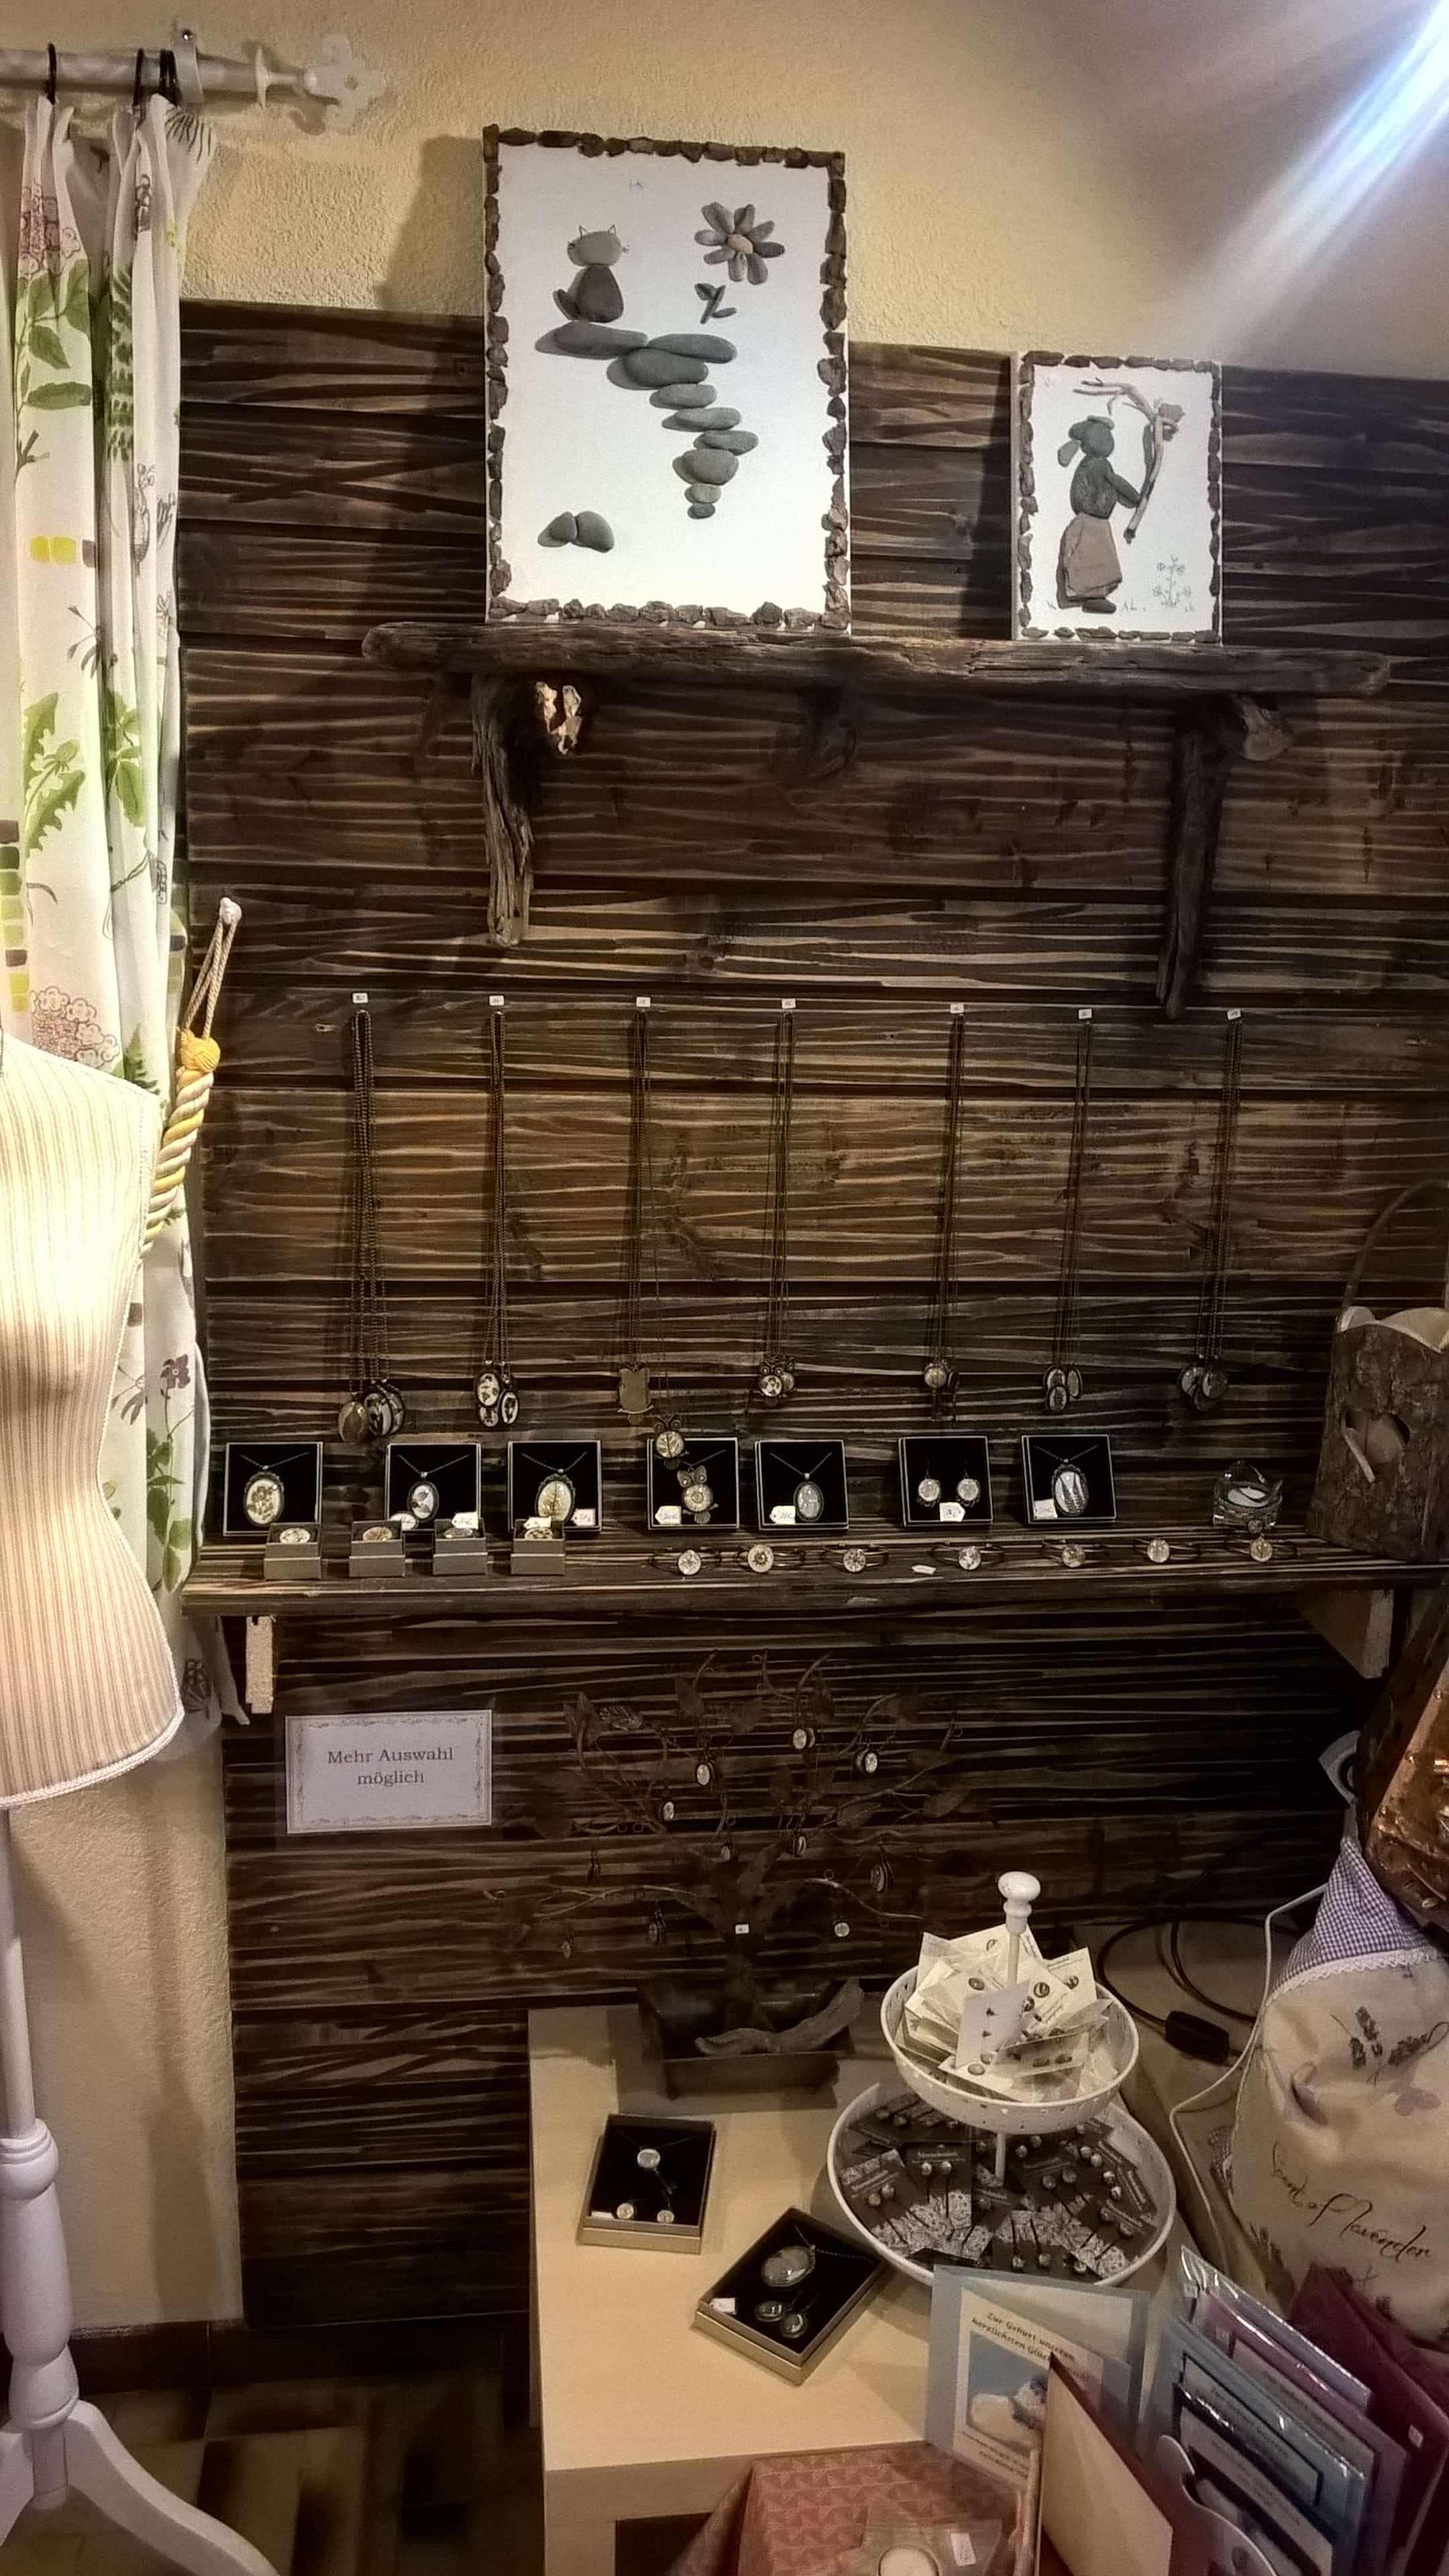 Halsketten und Armbänder mit Glasblütenschmuck.